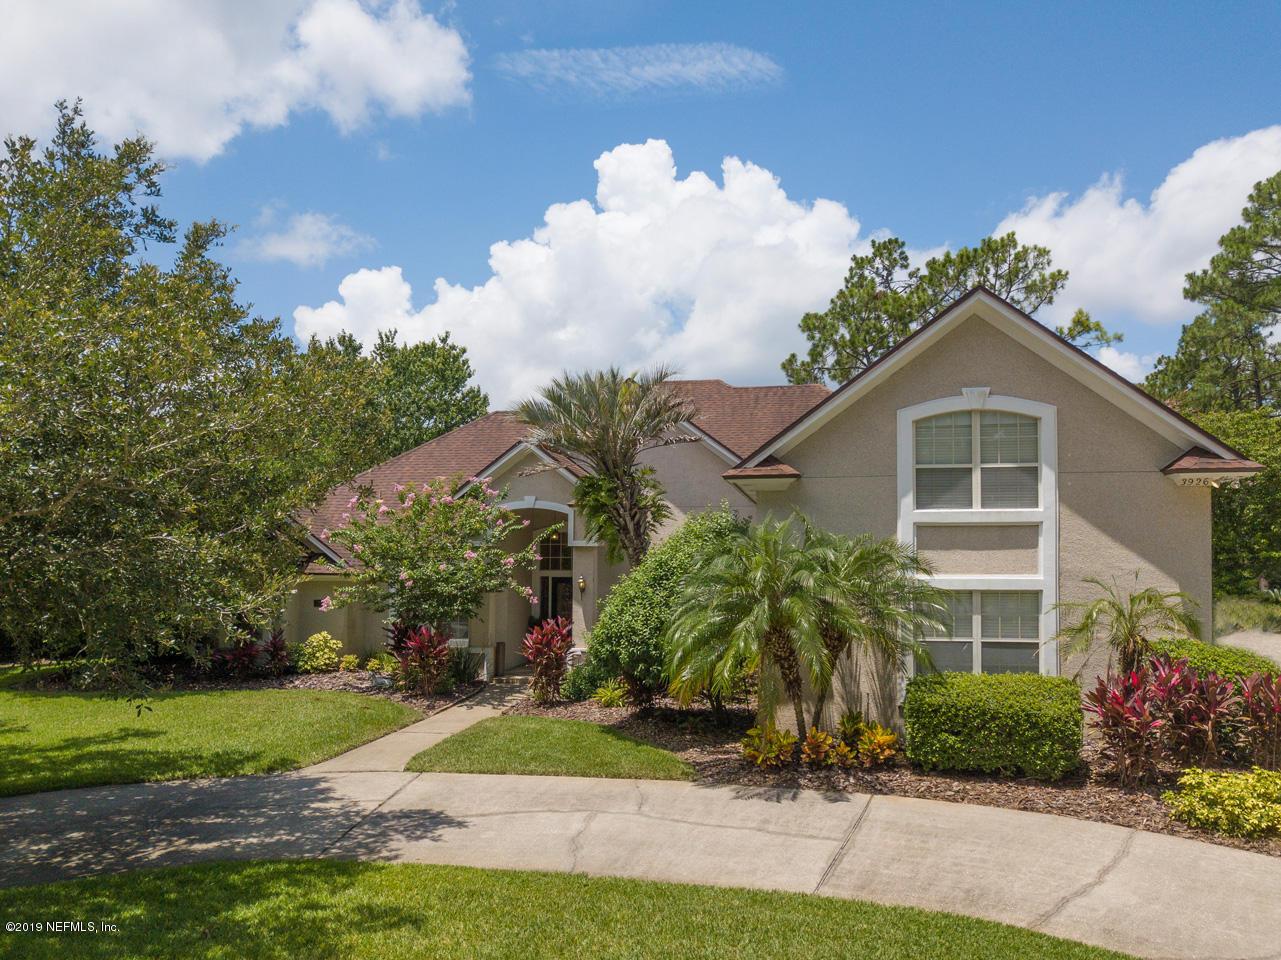 3926 Chicora Wood Pl Jacksonville, Fl 32224